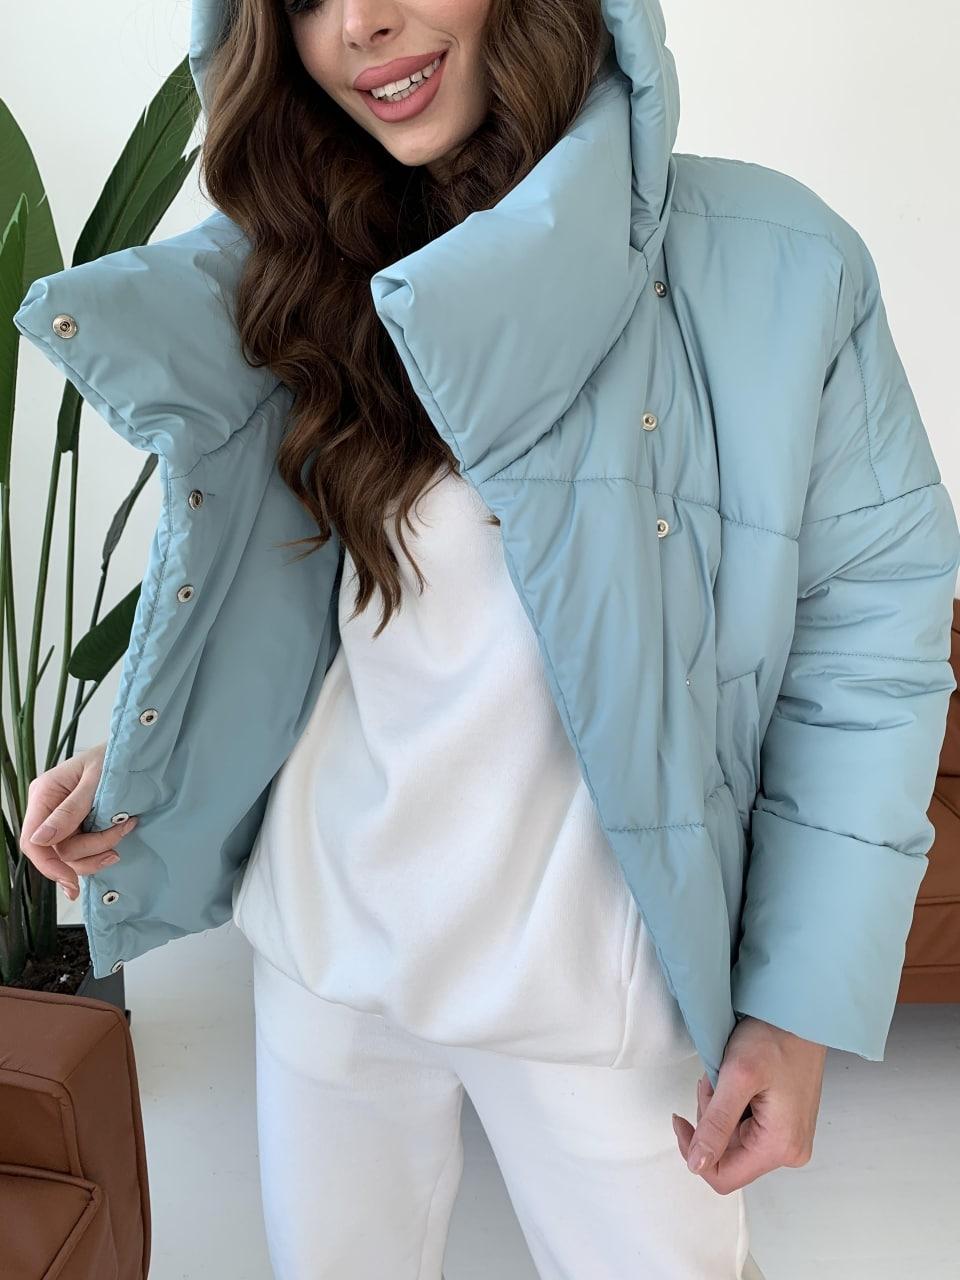 Уно short куртка из плащевой ткани Ammy 10927 АРТ. 47401 Цвет: Олива - фото 12, интернет магазин tm-modus.ru